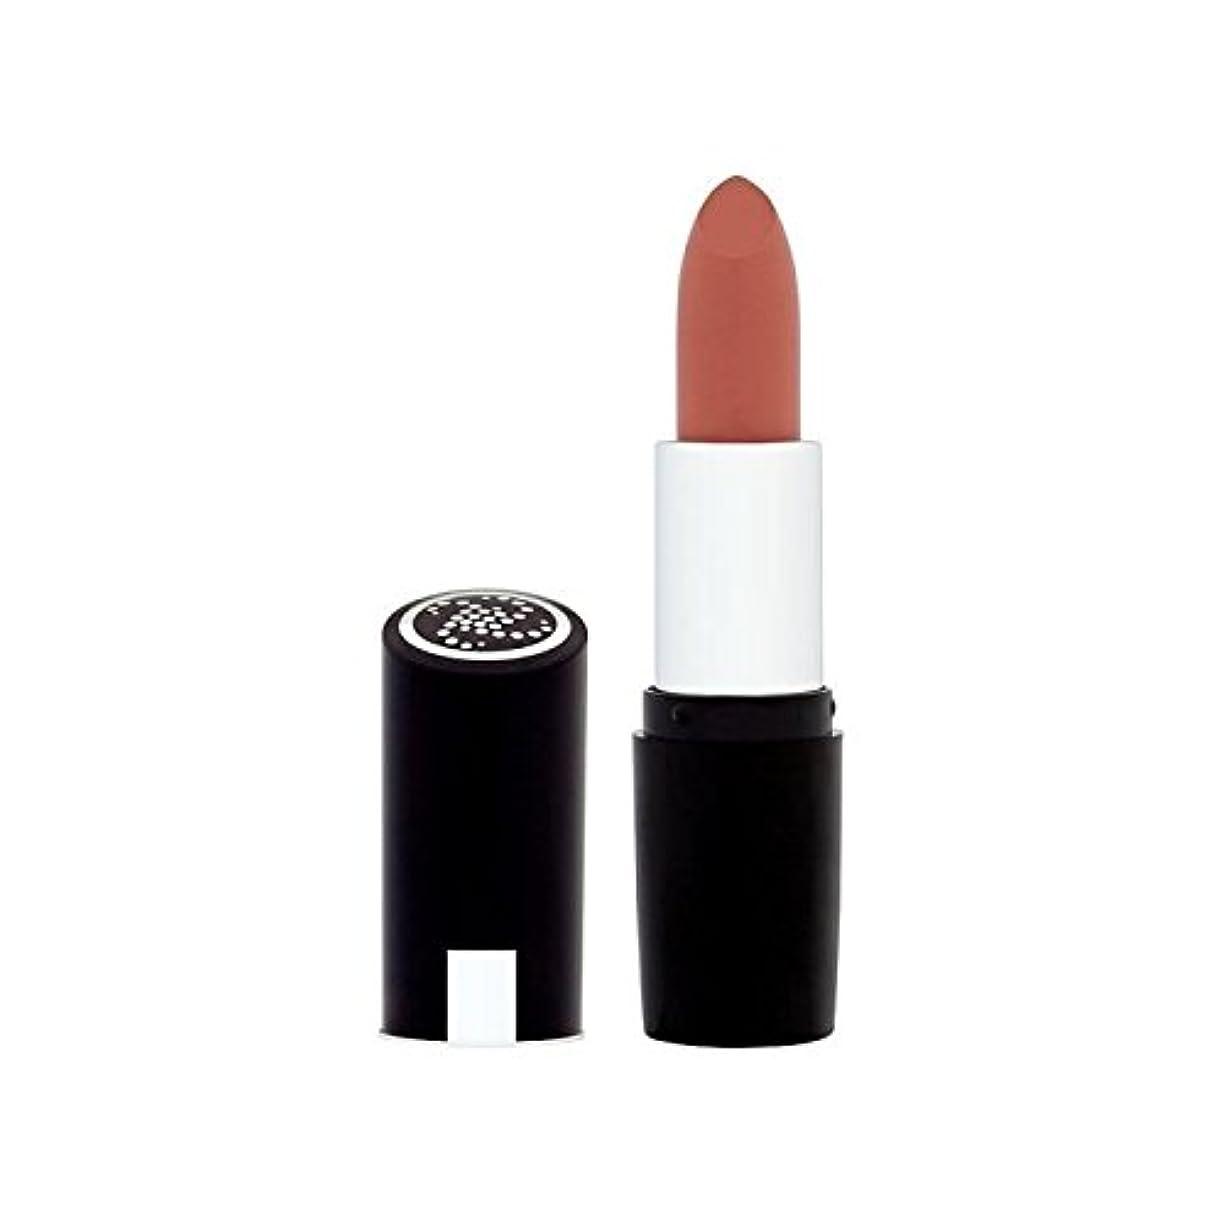 銀テロ太字コレクション持続的な色の口紅のカフェオレ22 x4 - Collection Lasting Colour Lipstick Cafe au Lait 22 (Pack of 4) [並行輸入品]